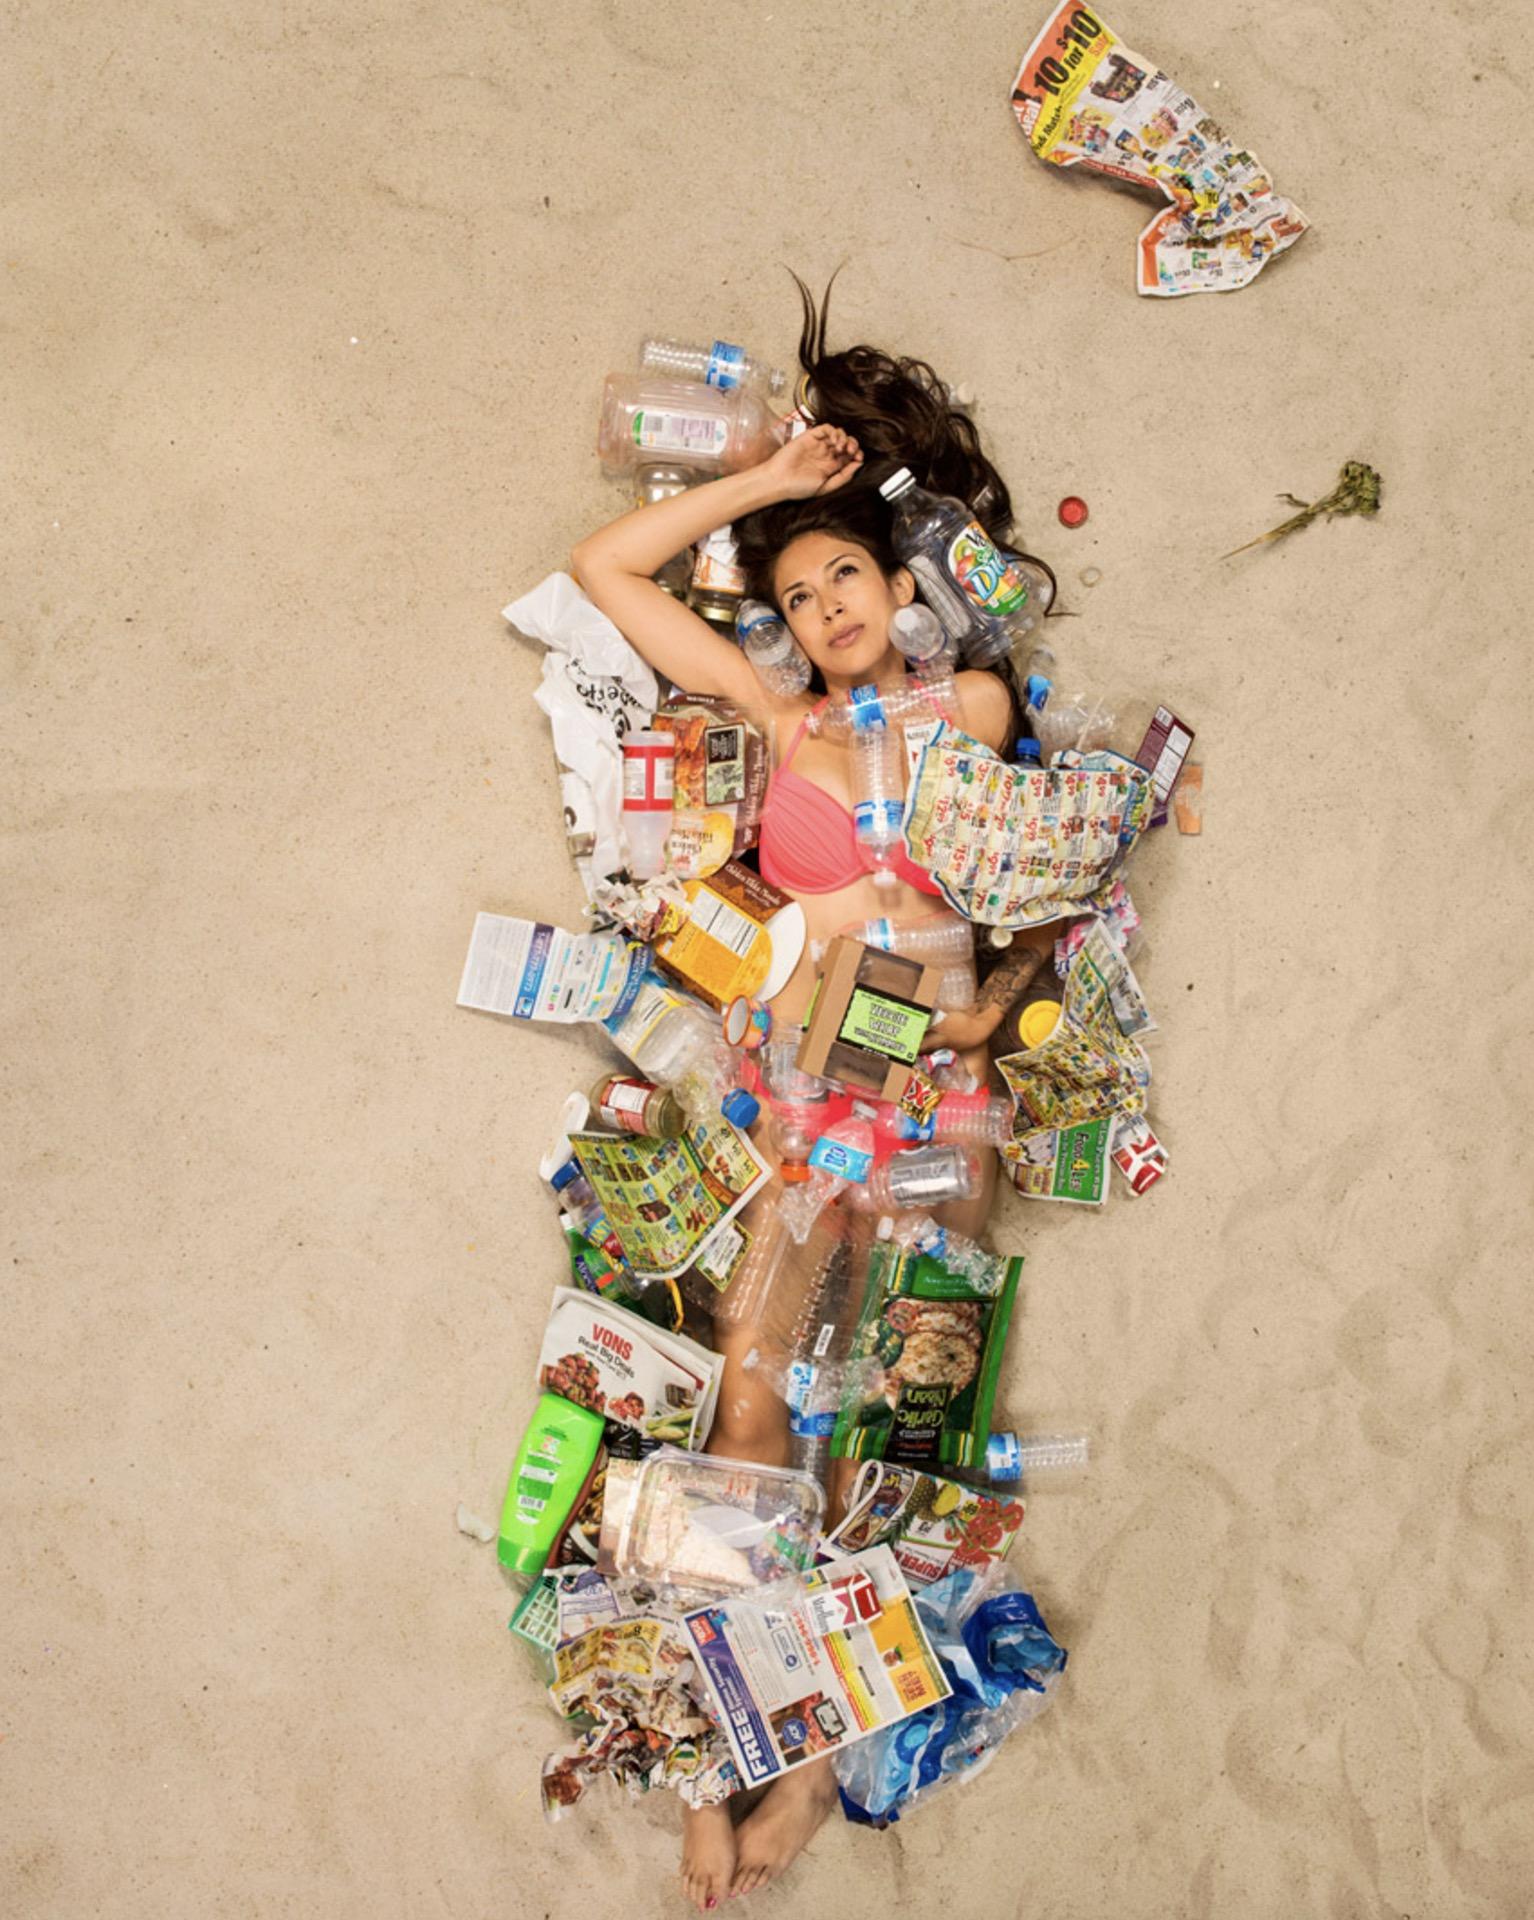 7 Days Of Garbage_Gregg Segal_organiconcrete_19